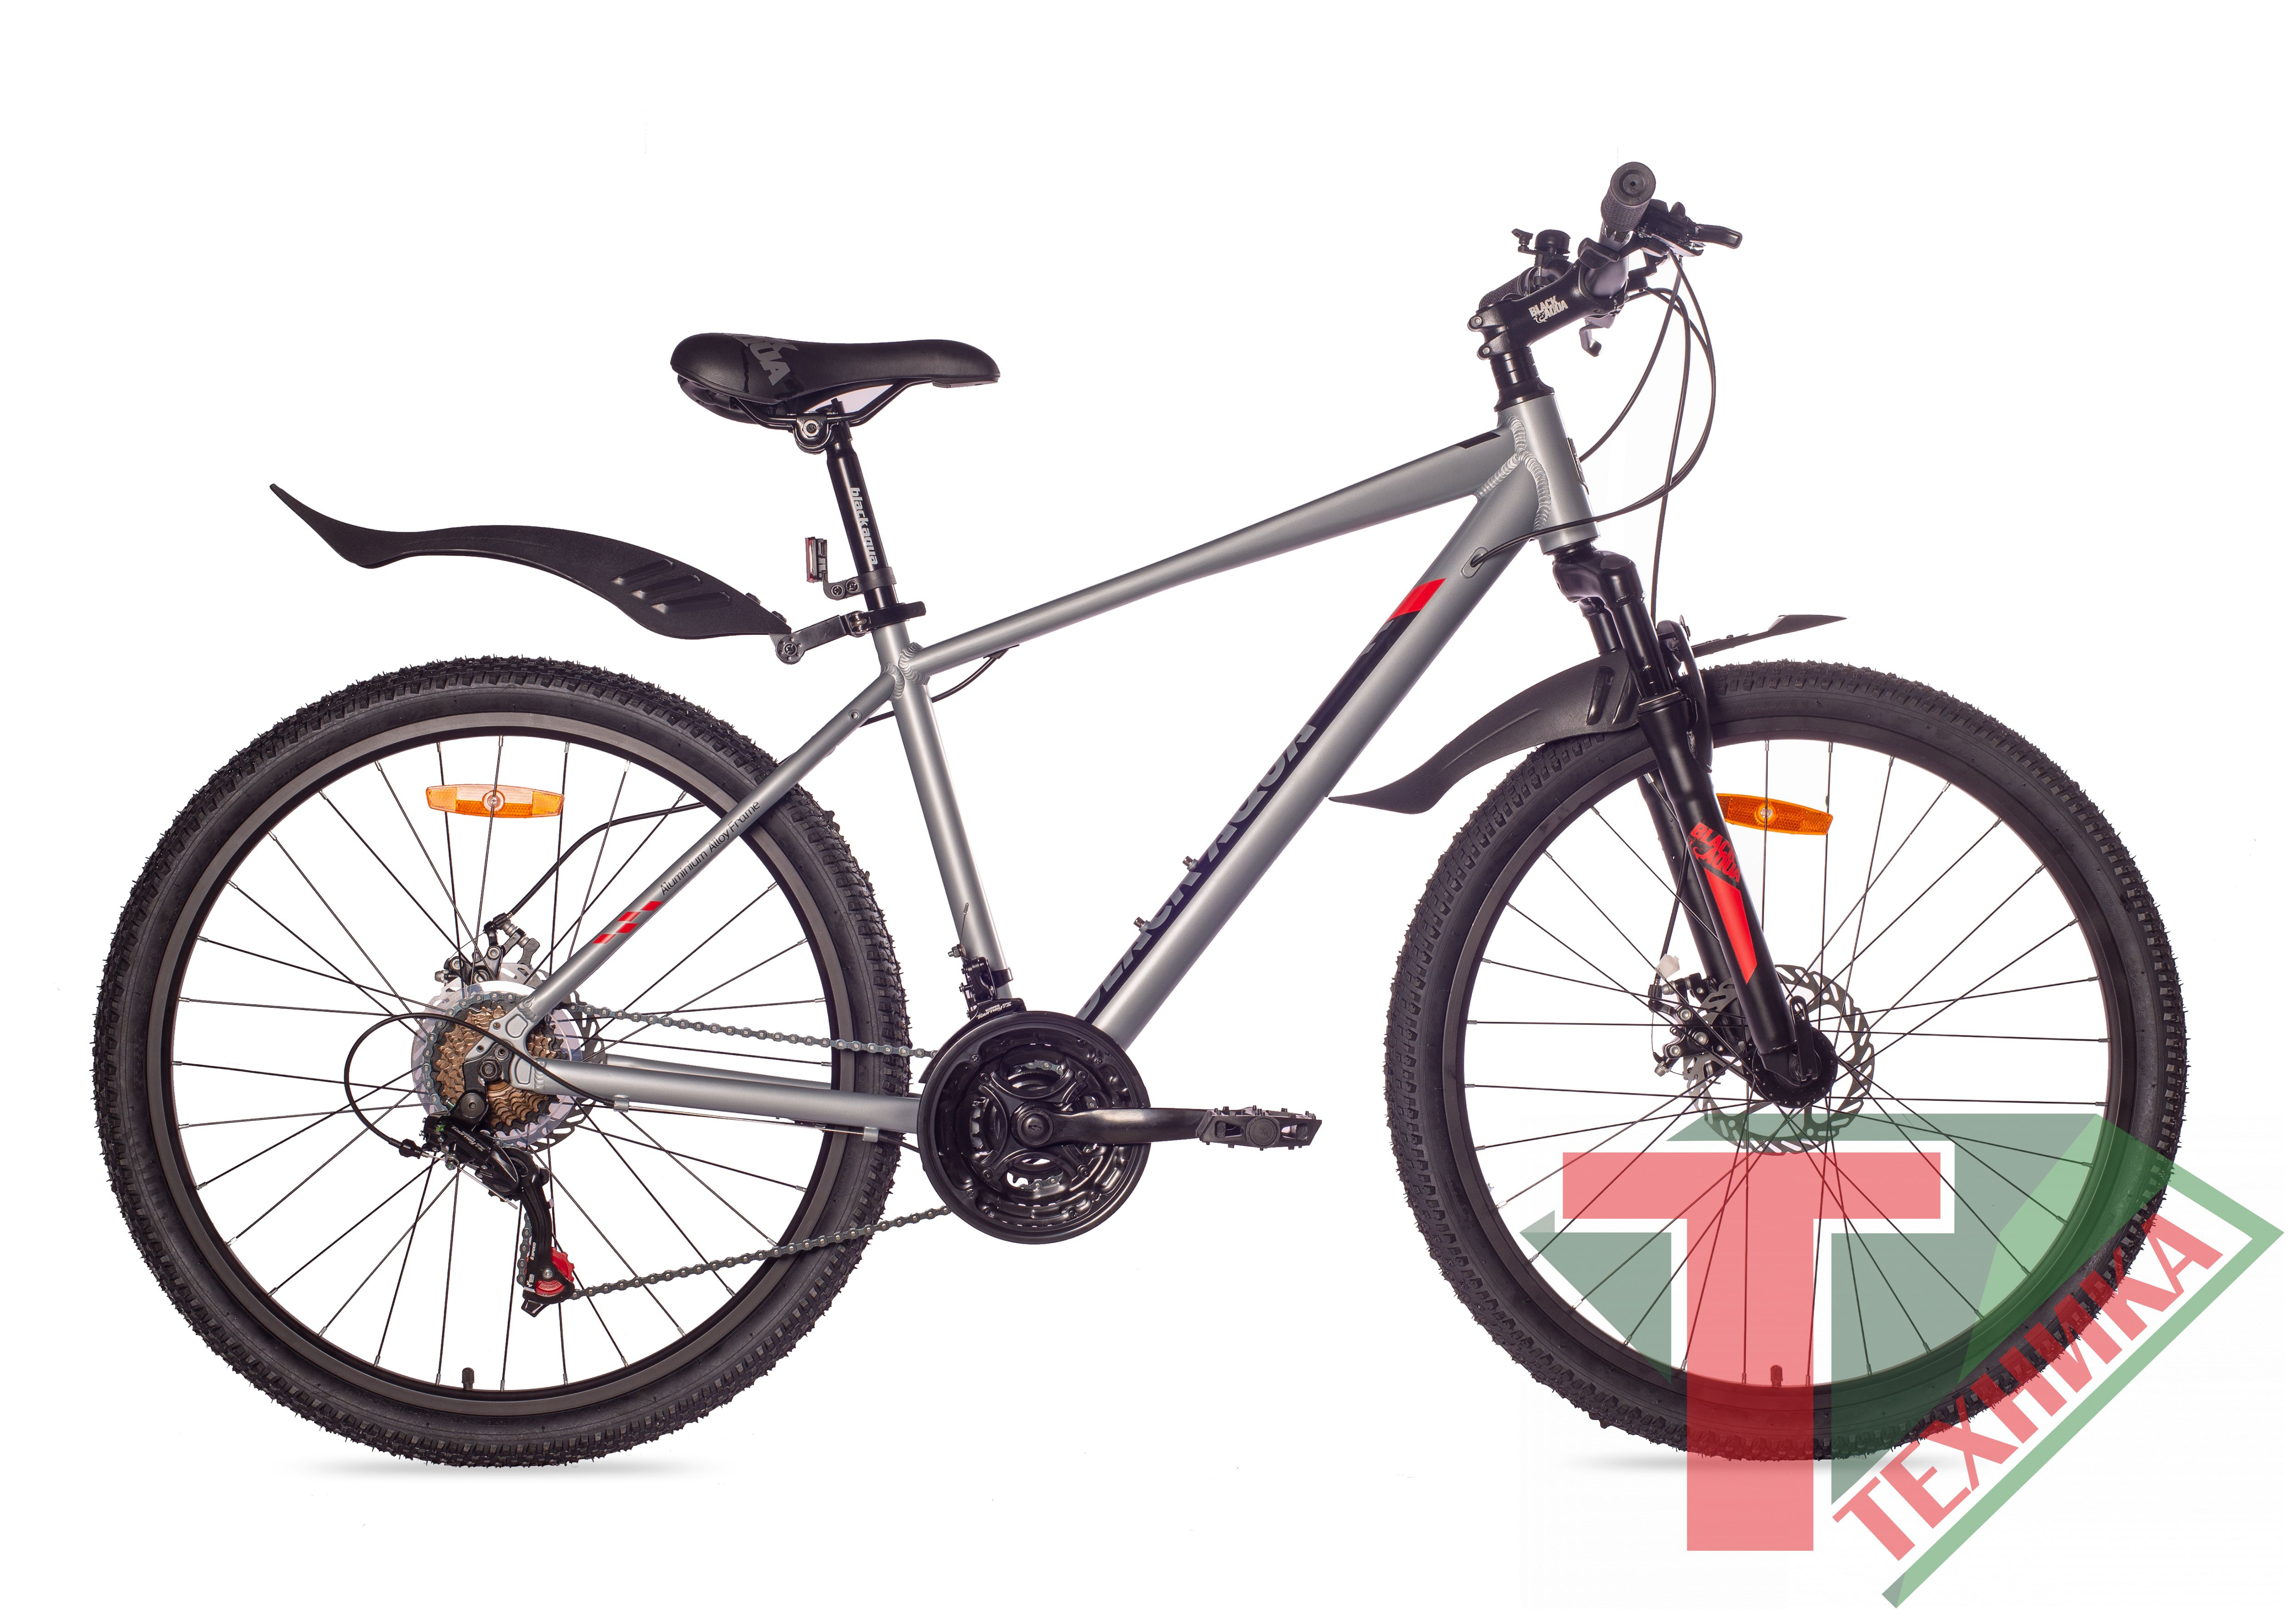 Велосипед GL-324D Black aqua Cross 2683 D26